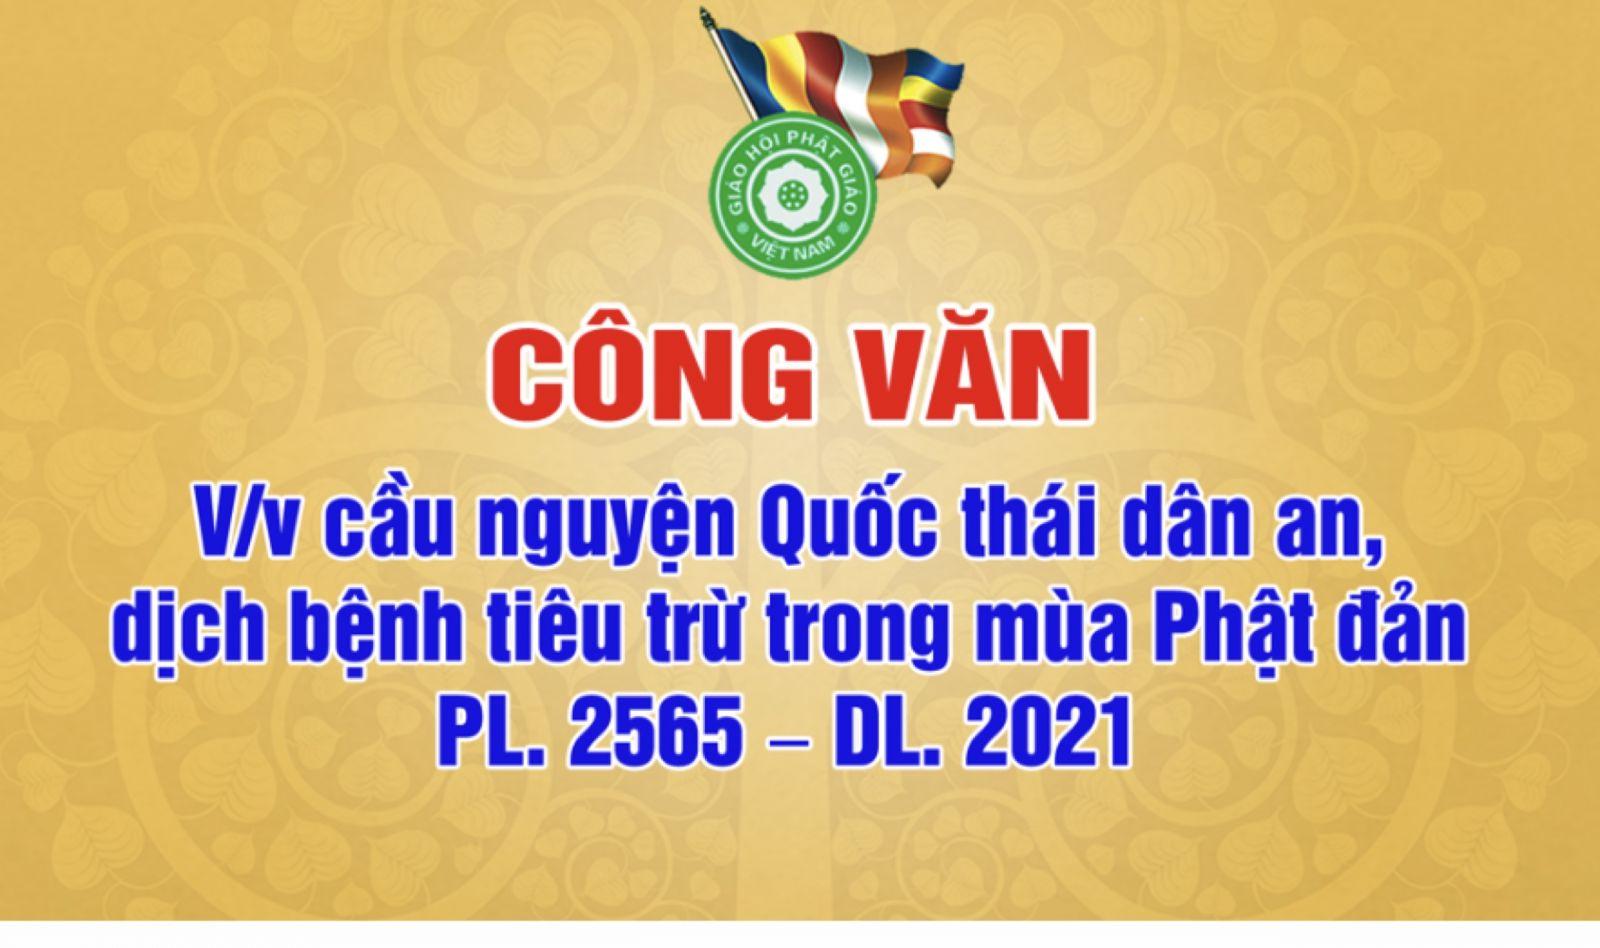 Công văn về việc tụng kinh cầu Quốc thái dân an mùa Phật đản PL.2565 – DL.2021